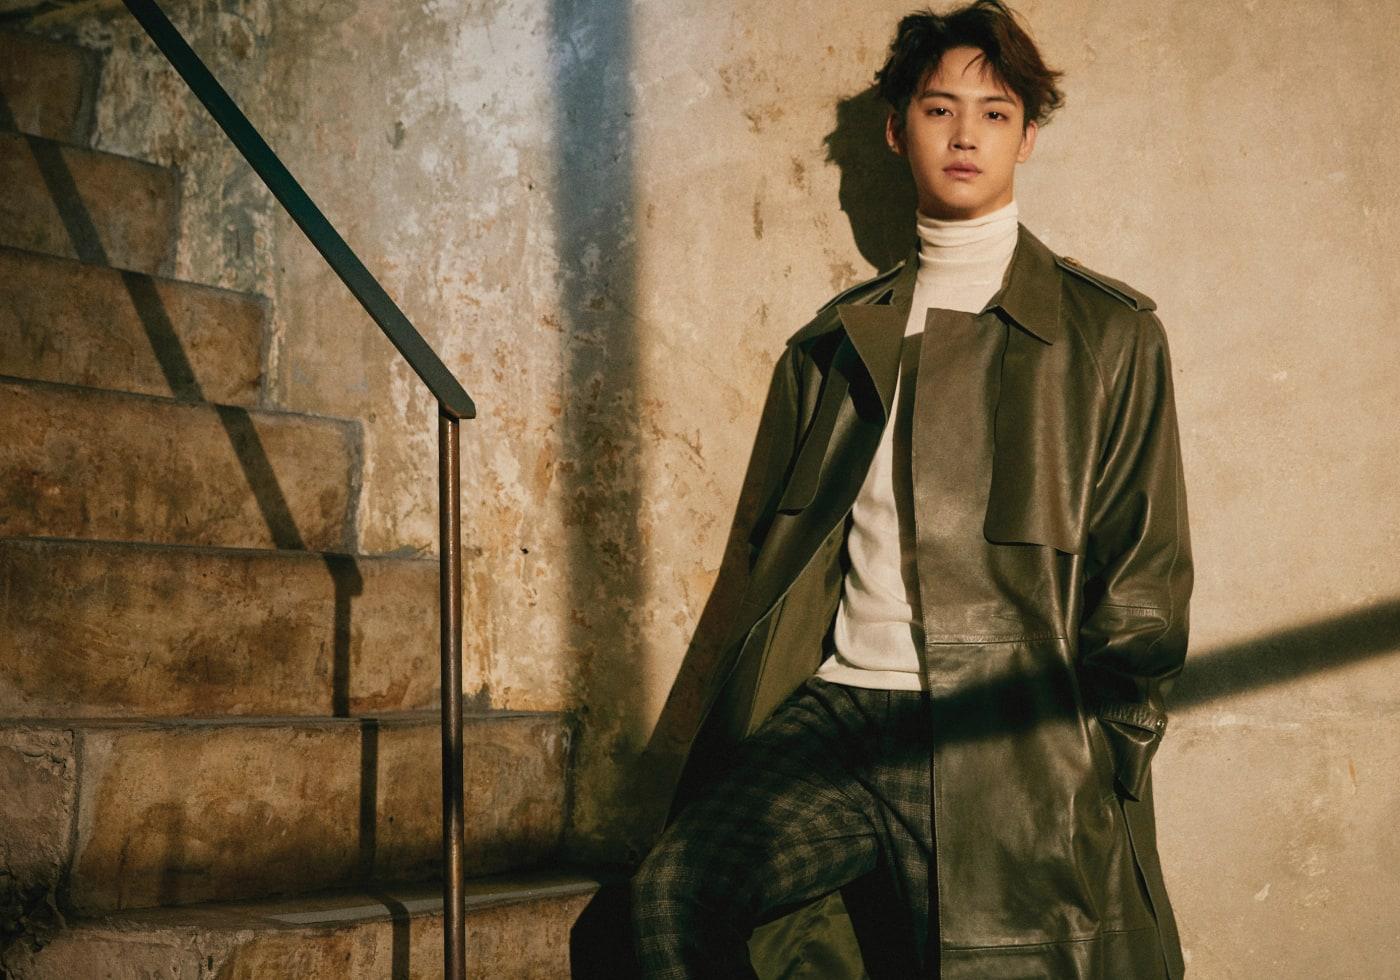 레더 트렌치 코트는 자라(Zara), 터틀넥 톱은 발리(Bally), 체크무늬 팬츠는 문수권(Munsoo Kwon).